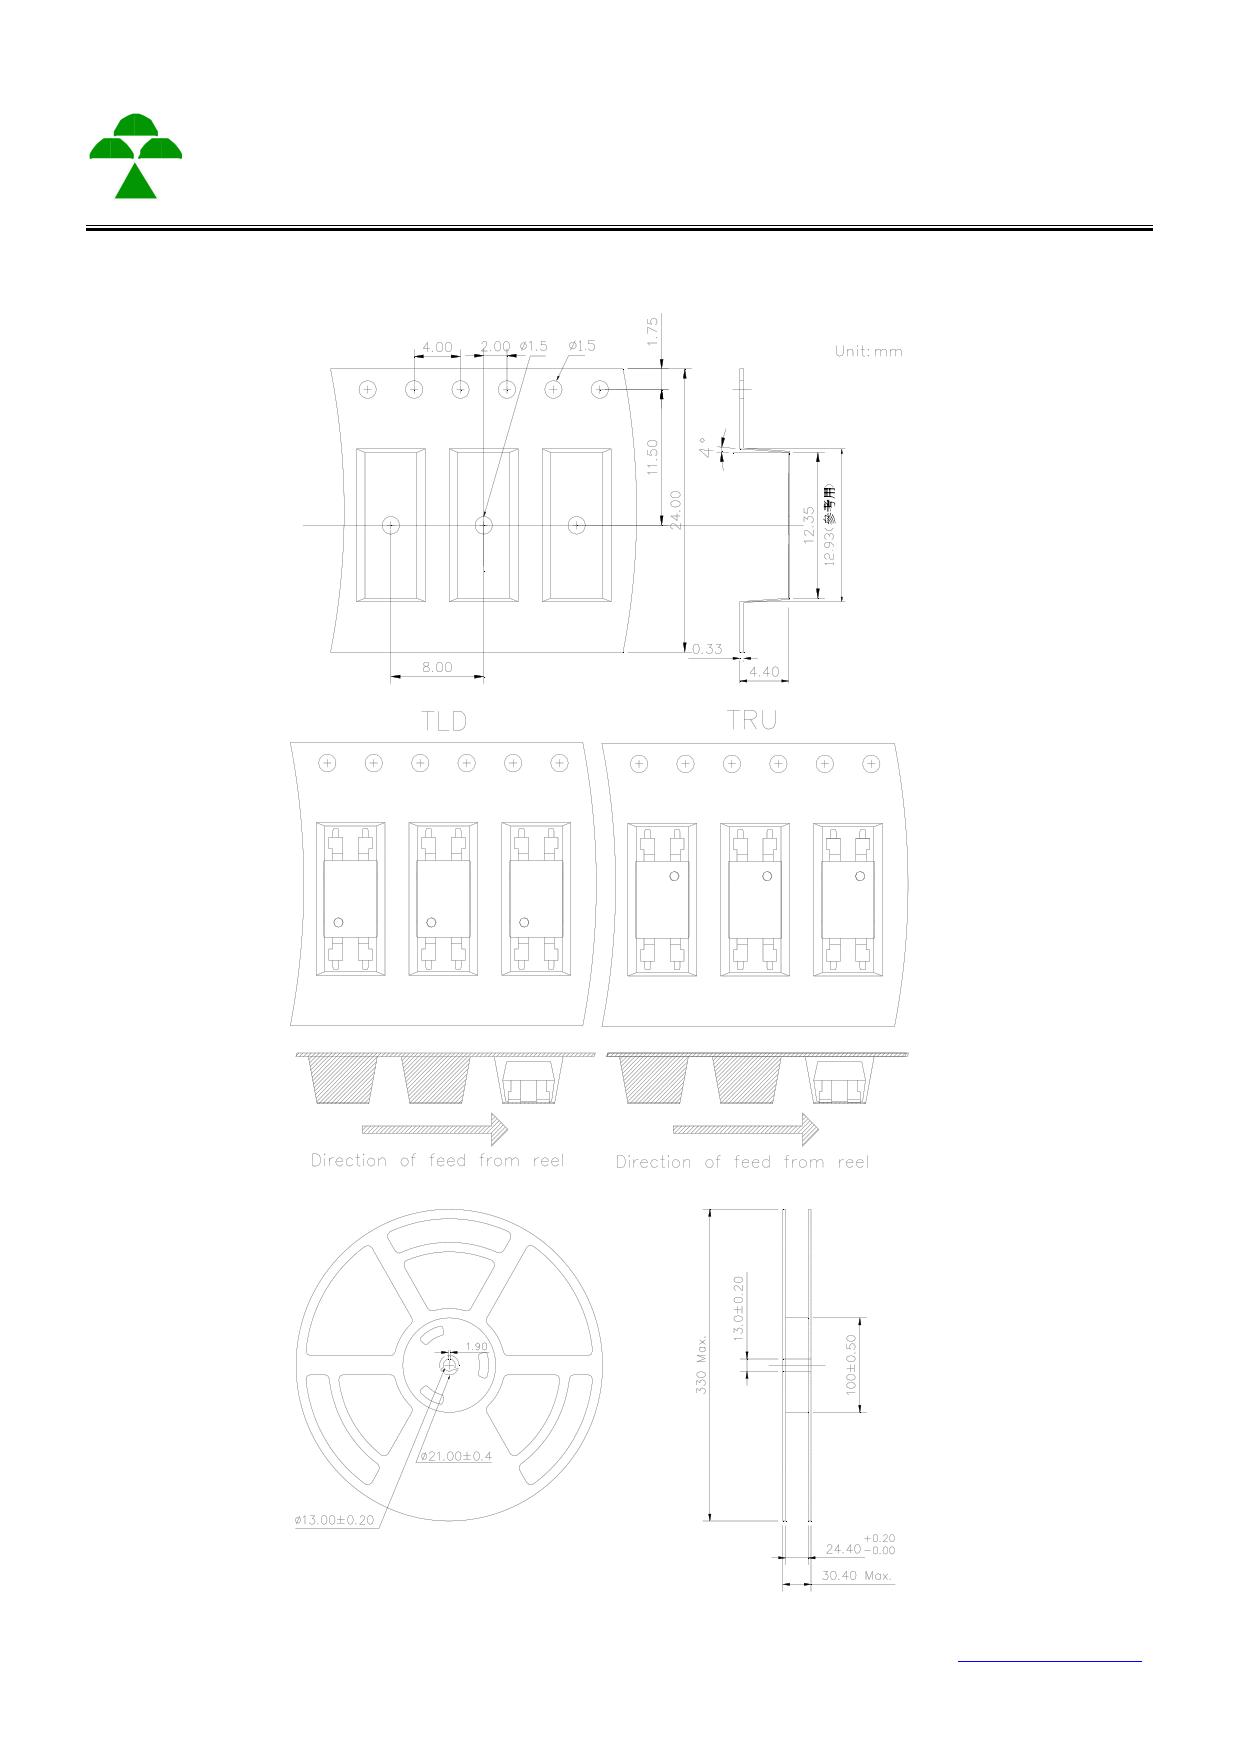 K1010T arduino